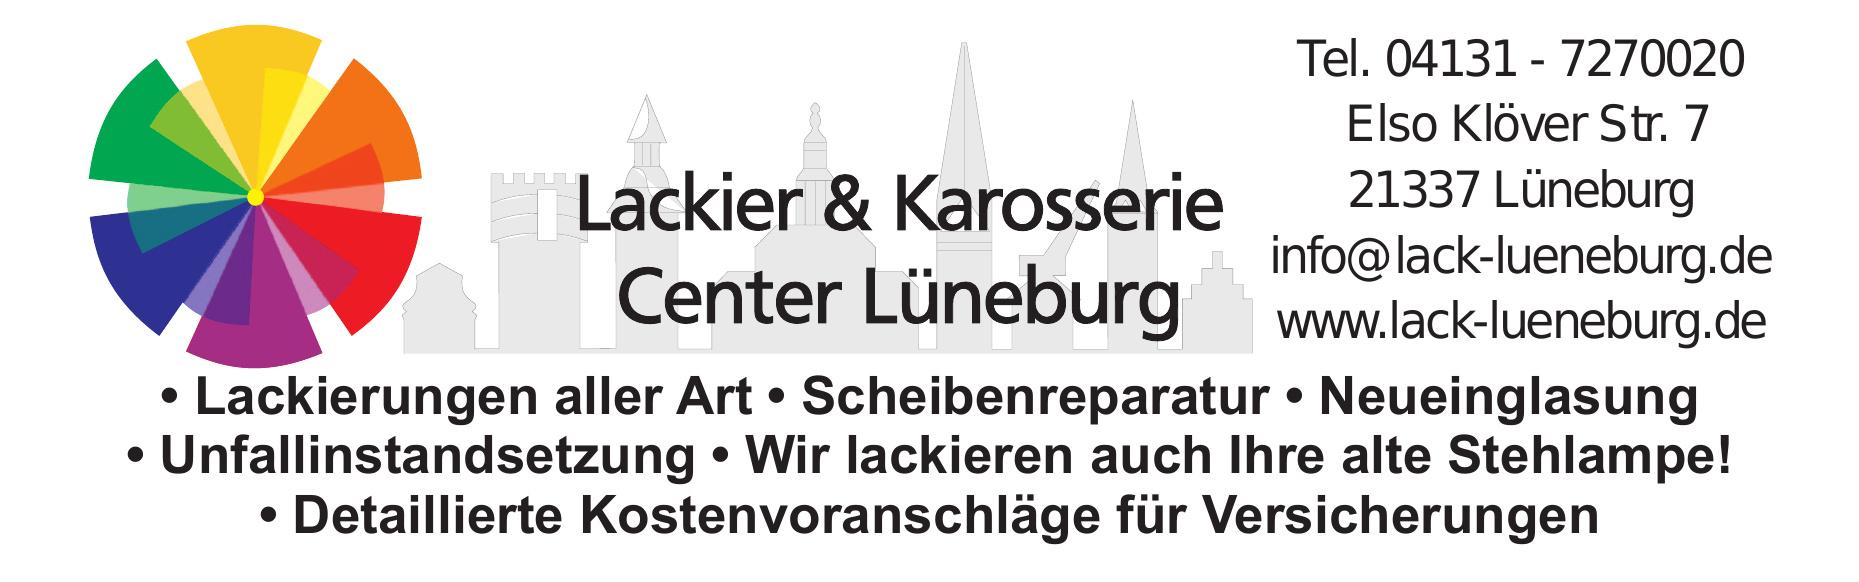 Lakier & Karosserie Center Lüneburg